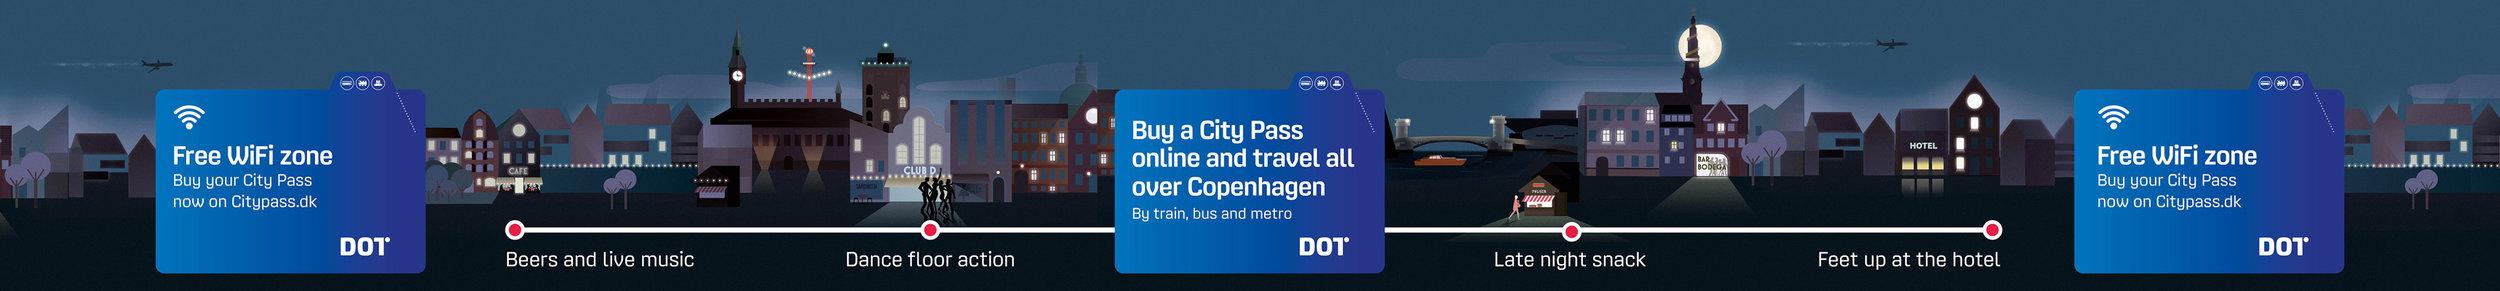 metro_OutsideView_Side4_TRYKKLAR-copy.jpg